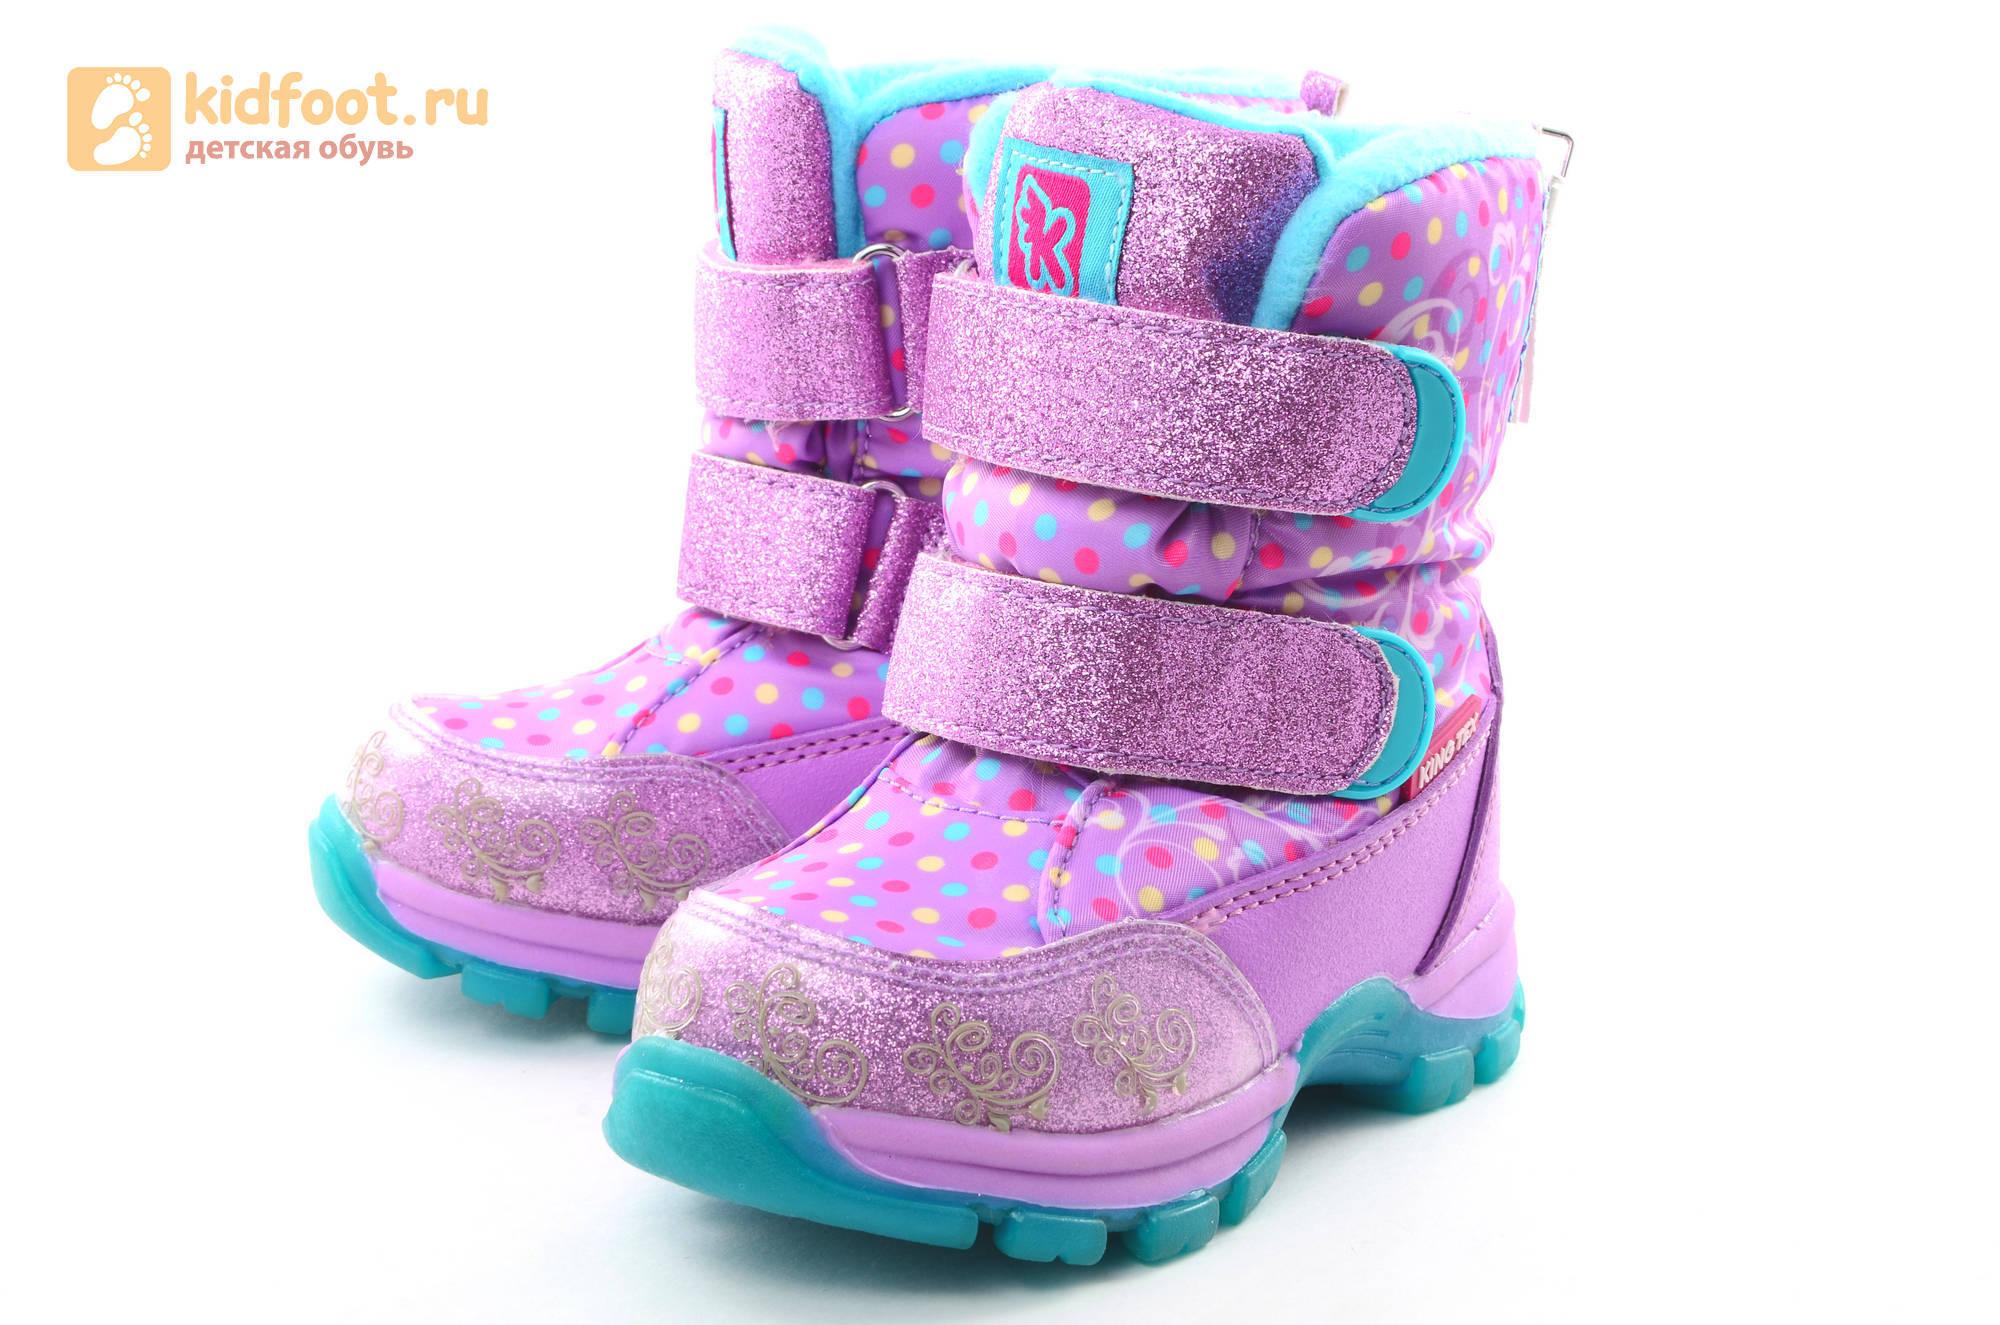 Зимние сапоги для девочек с мембраной KINGTEX Какаду (Kakadu) на липучках, цвет сиреневый